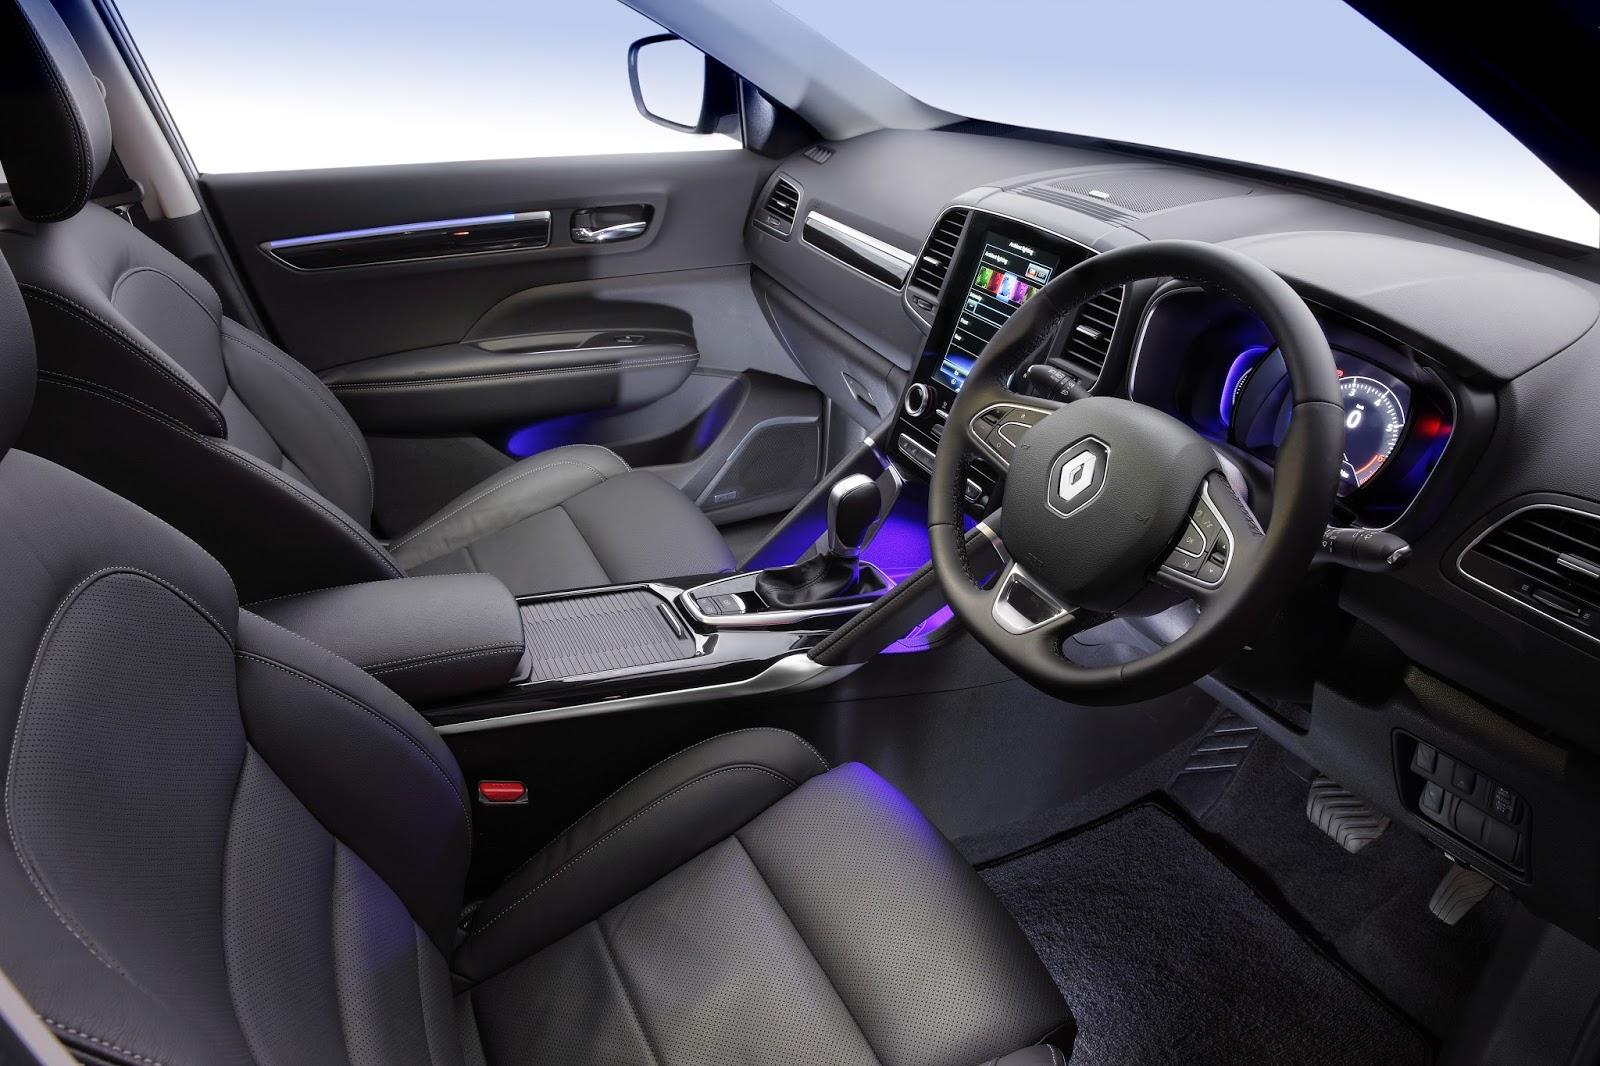 Khá nhiều tính năng thông minh, an toàn được trang bị trên xe